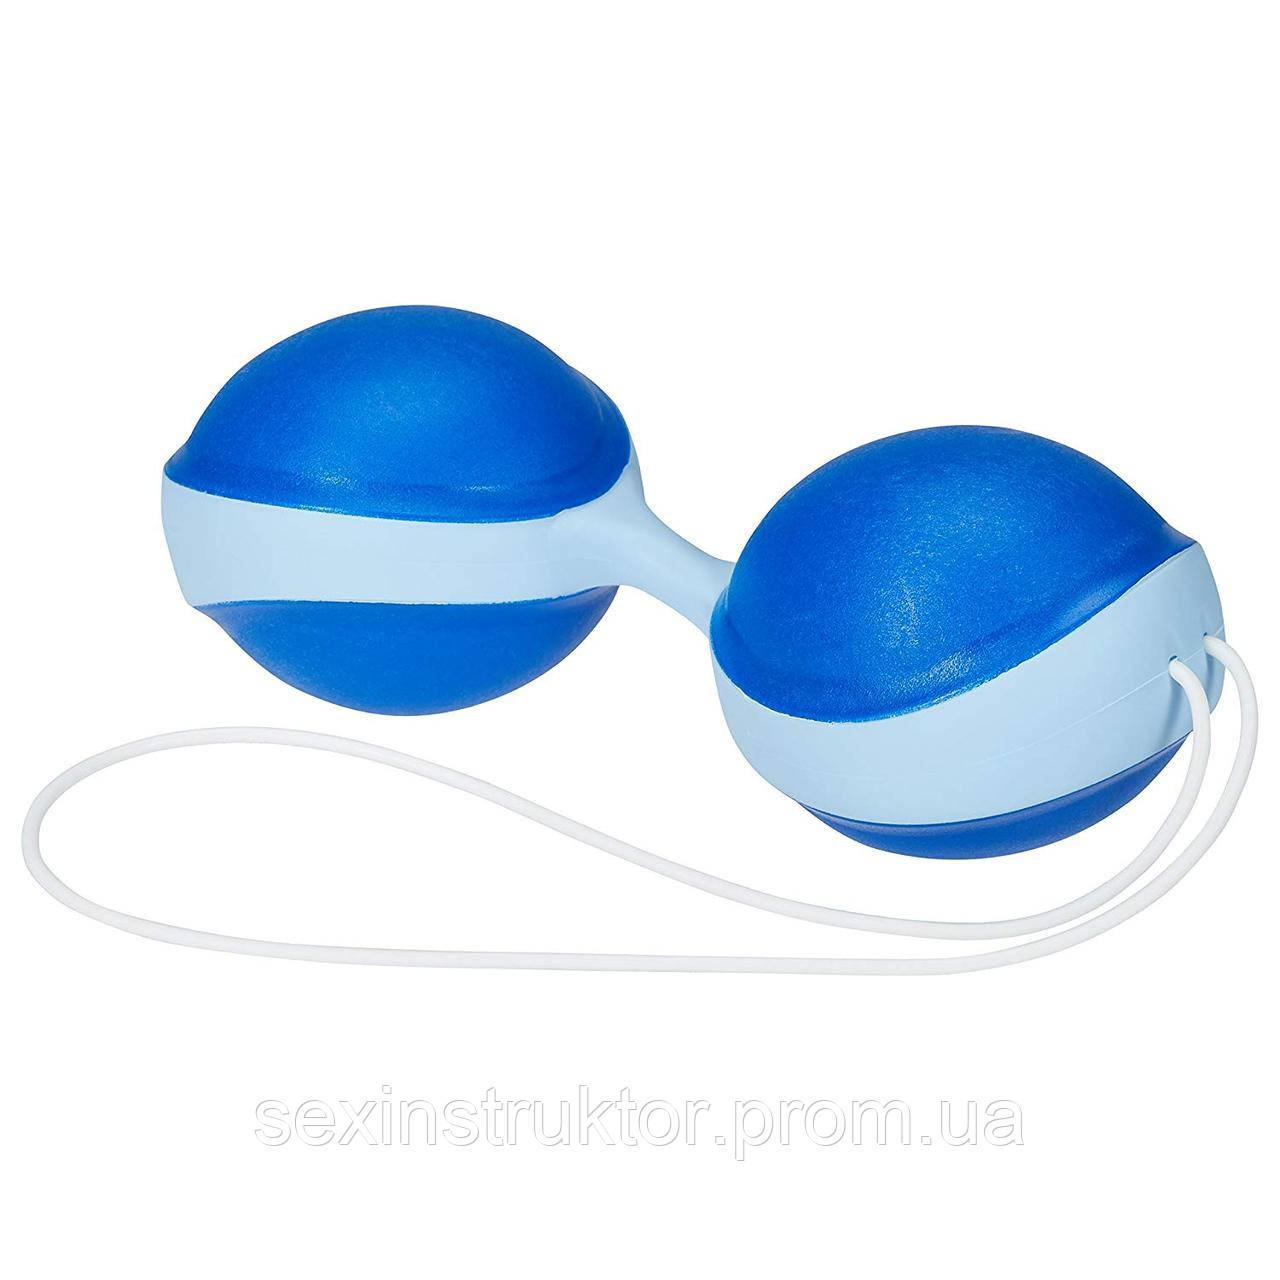 Вагінальні кульки - Amor Gym Balls, синій/блакитний